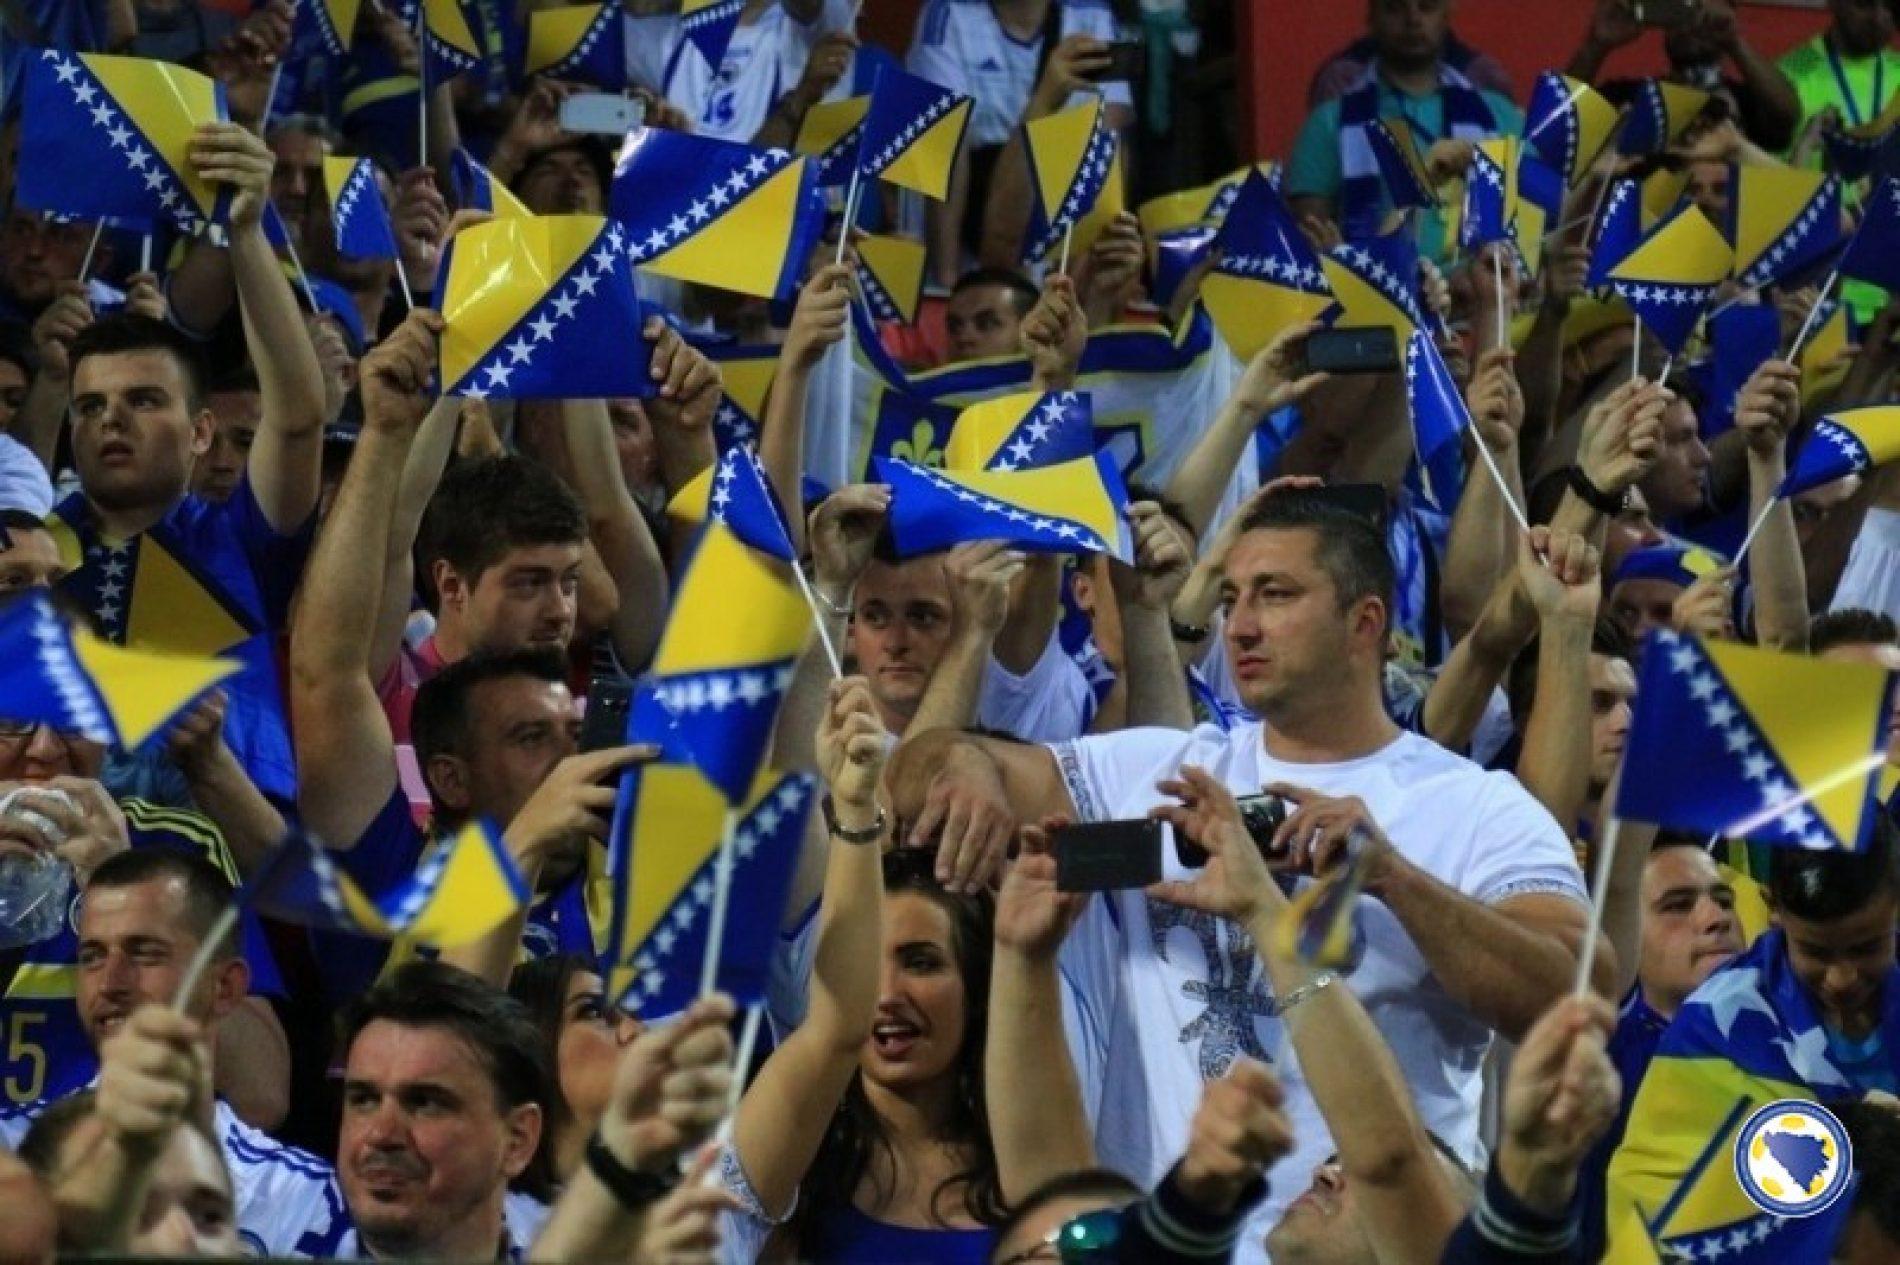 Bosna i Hercegovina danas igra prijateljsku utakmicu sa Crnom Gorom